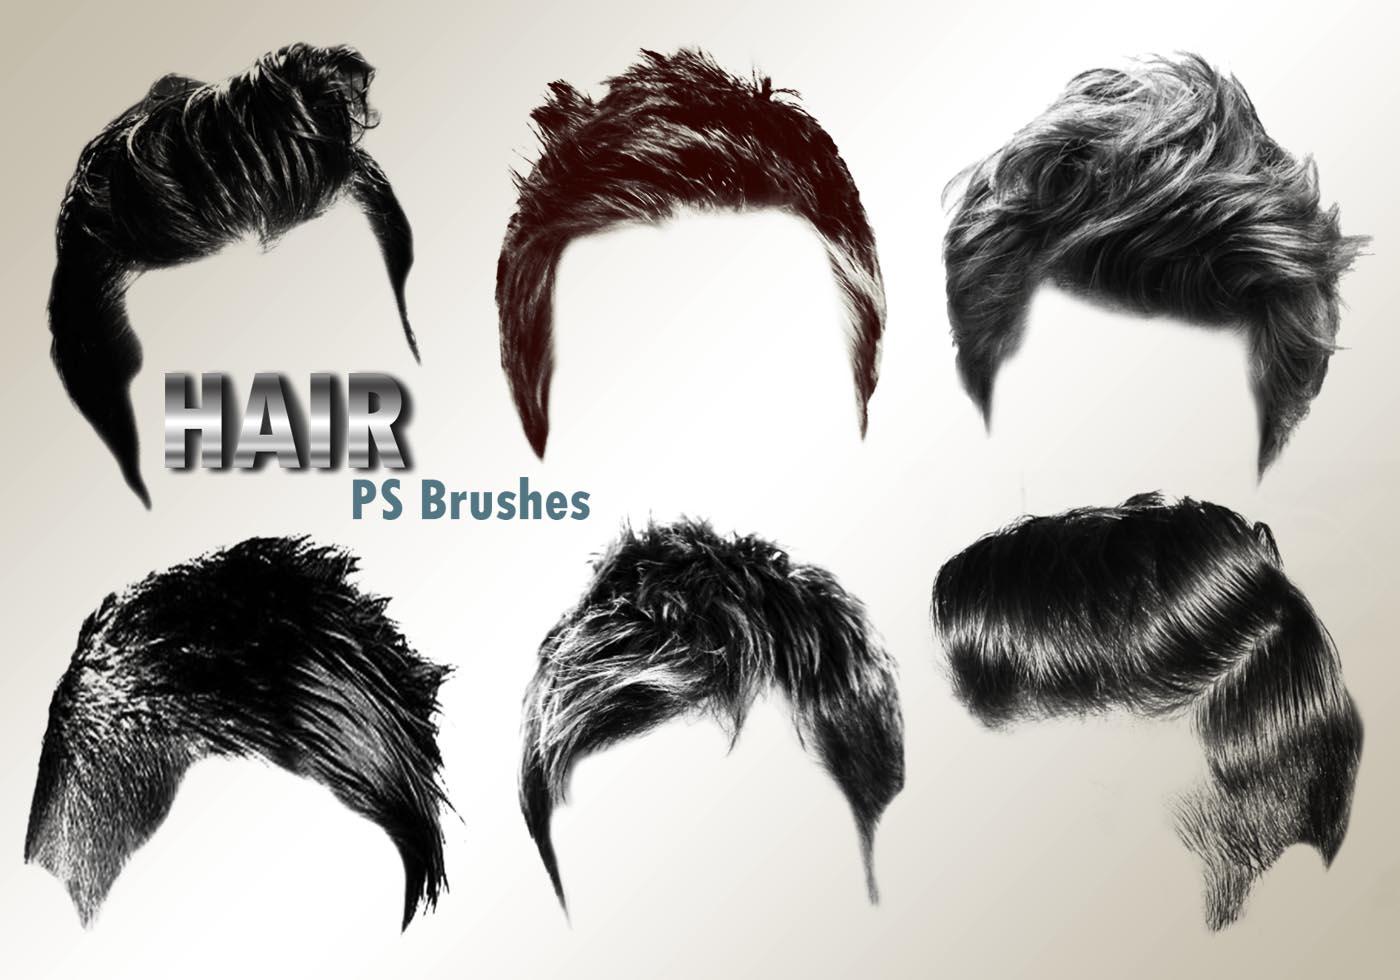 Man Hair Free Brushes - (202 Free Downloads)